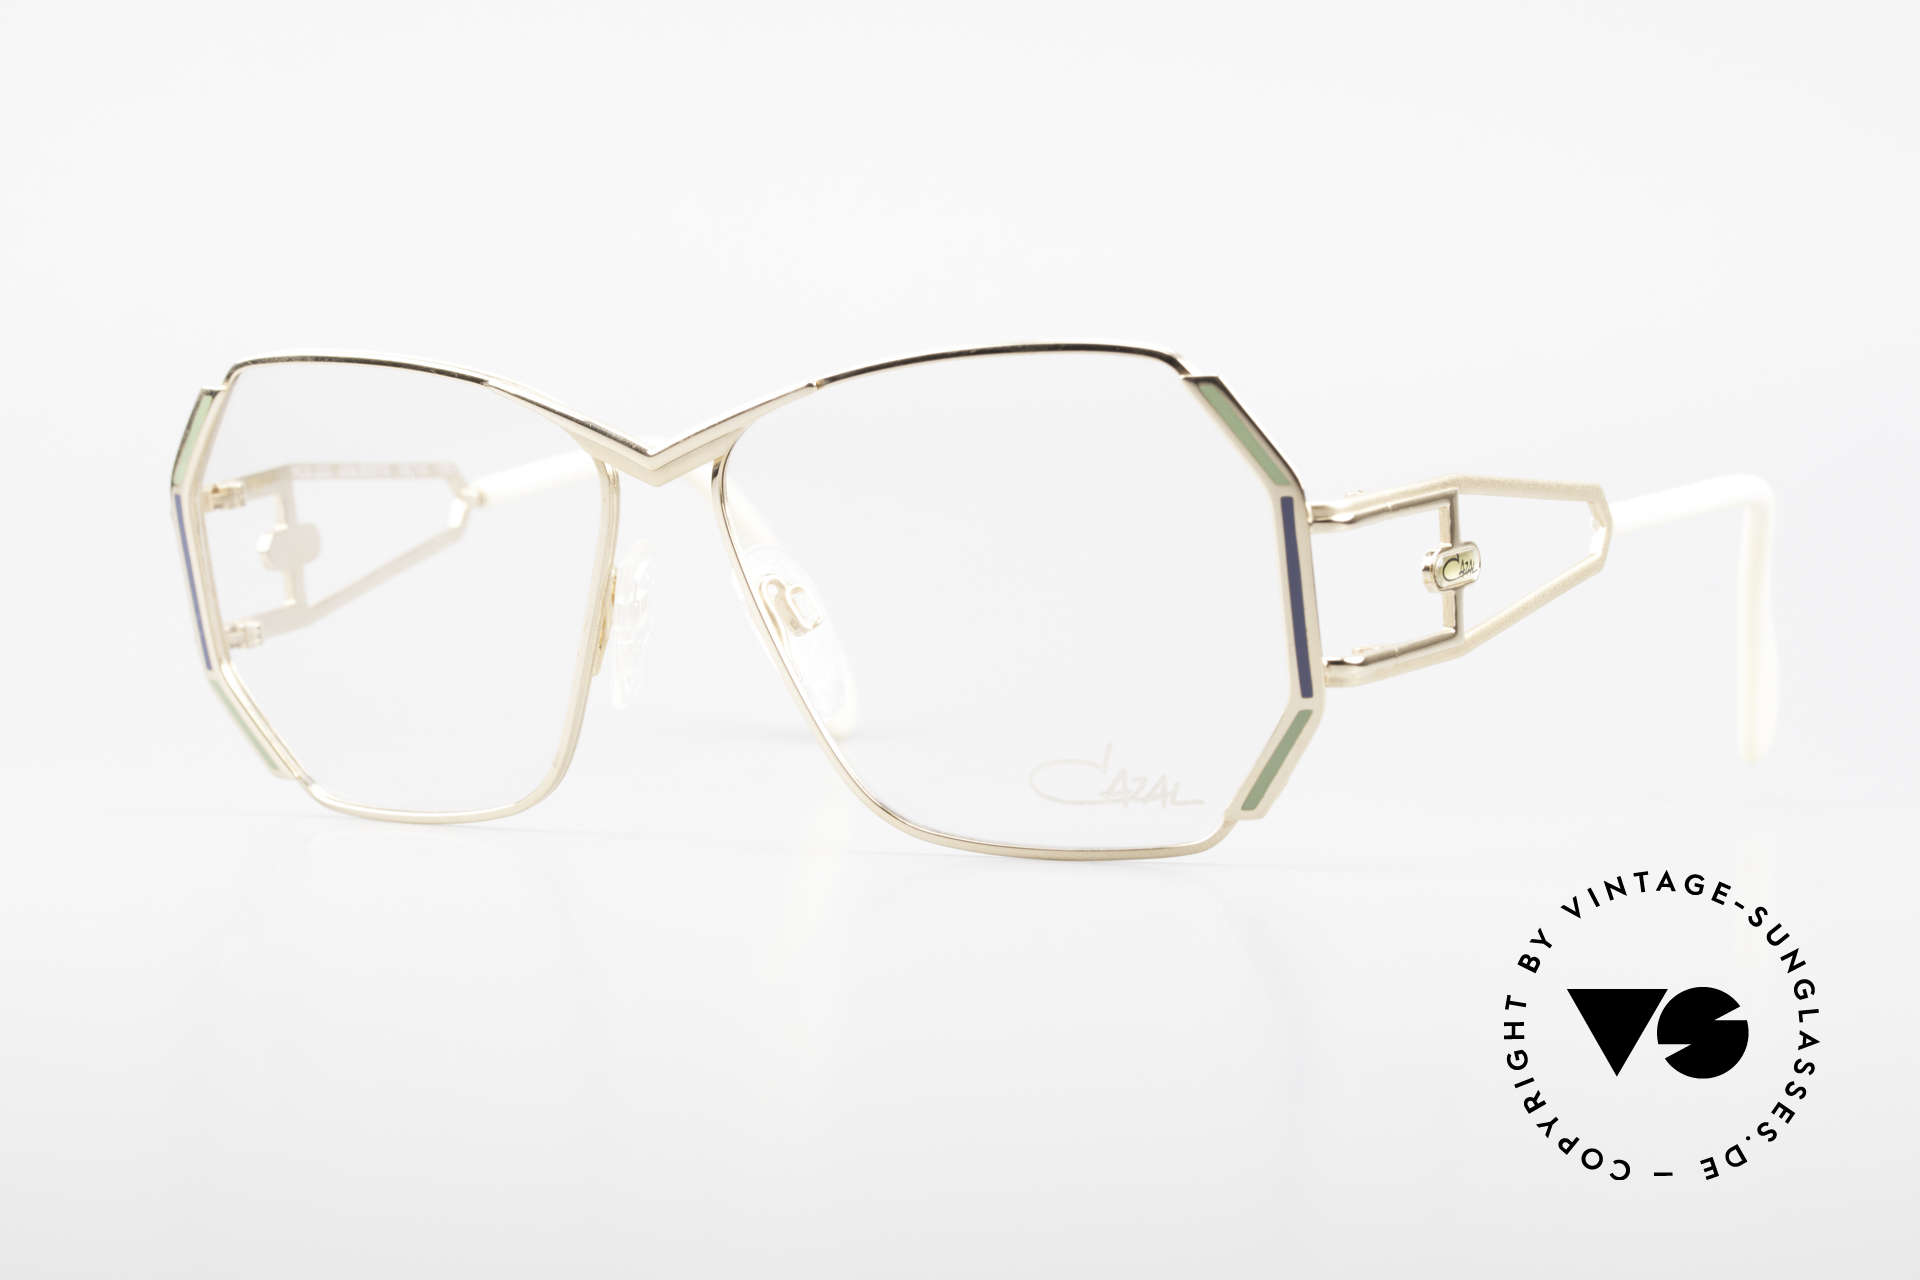 Cazal 225 Old School 80er HipHop Brille, markante CAZAL vintage Brillenfassung von 1989/90, Passend für Damen